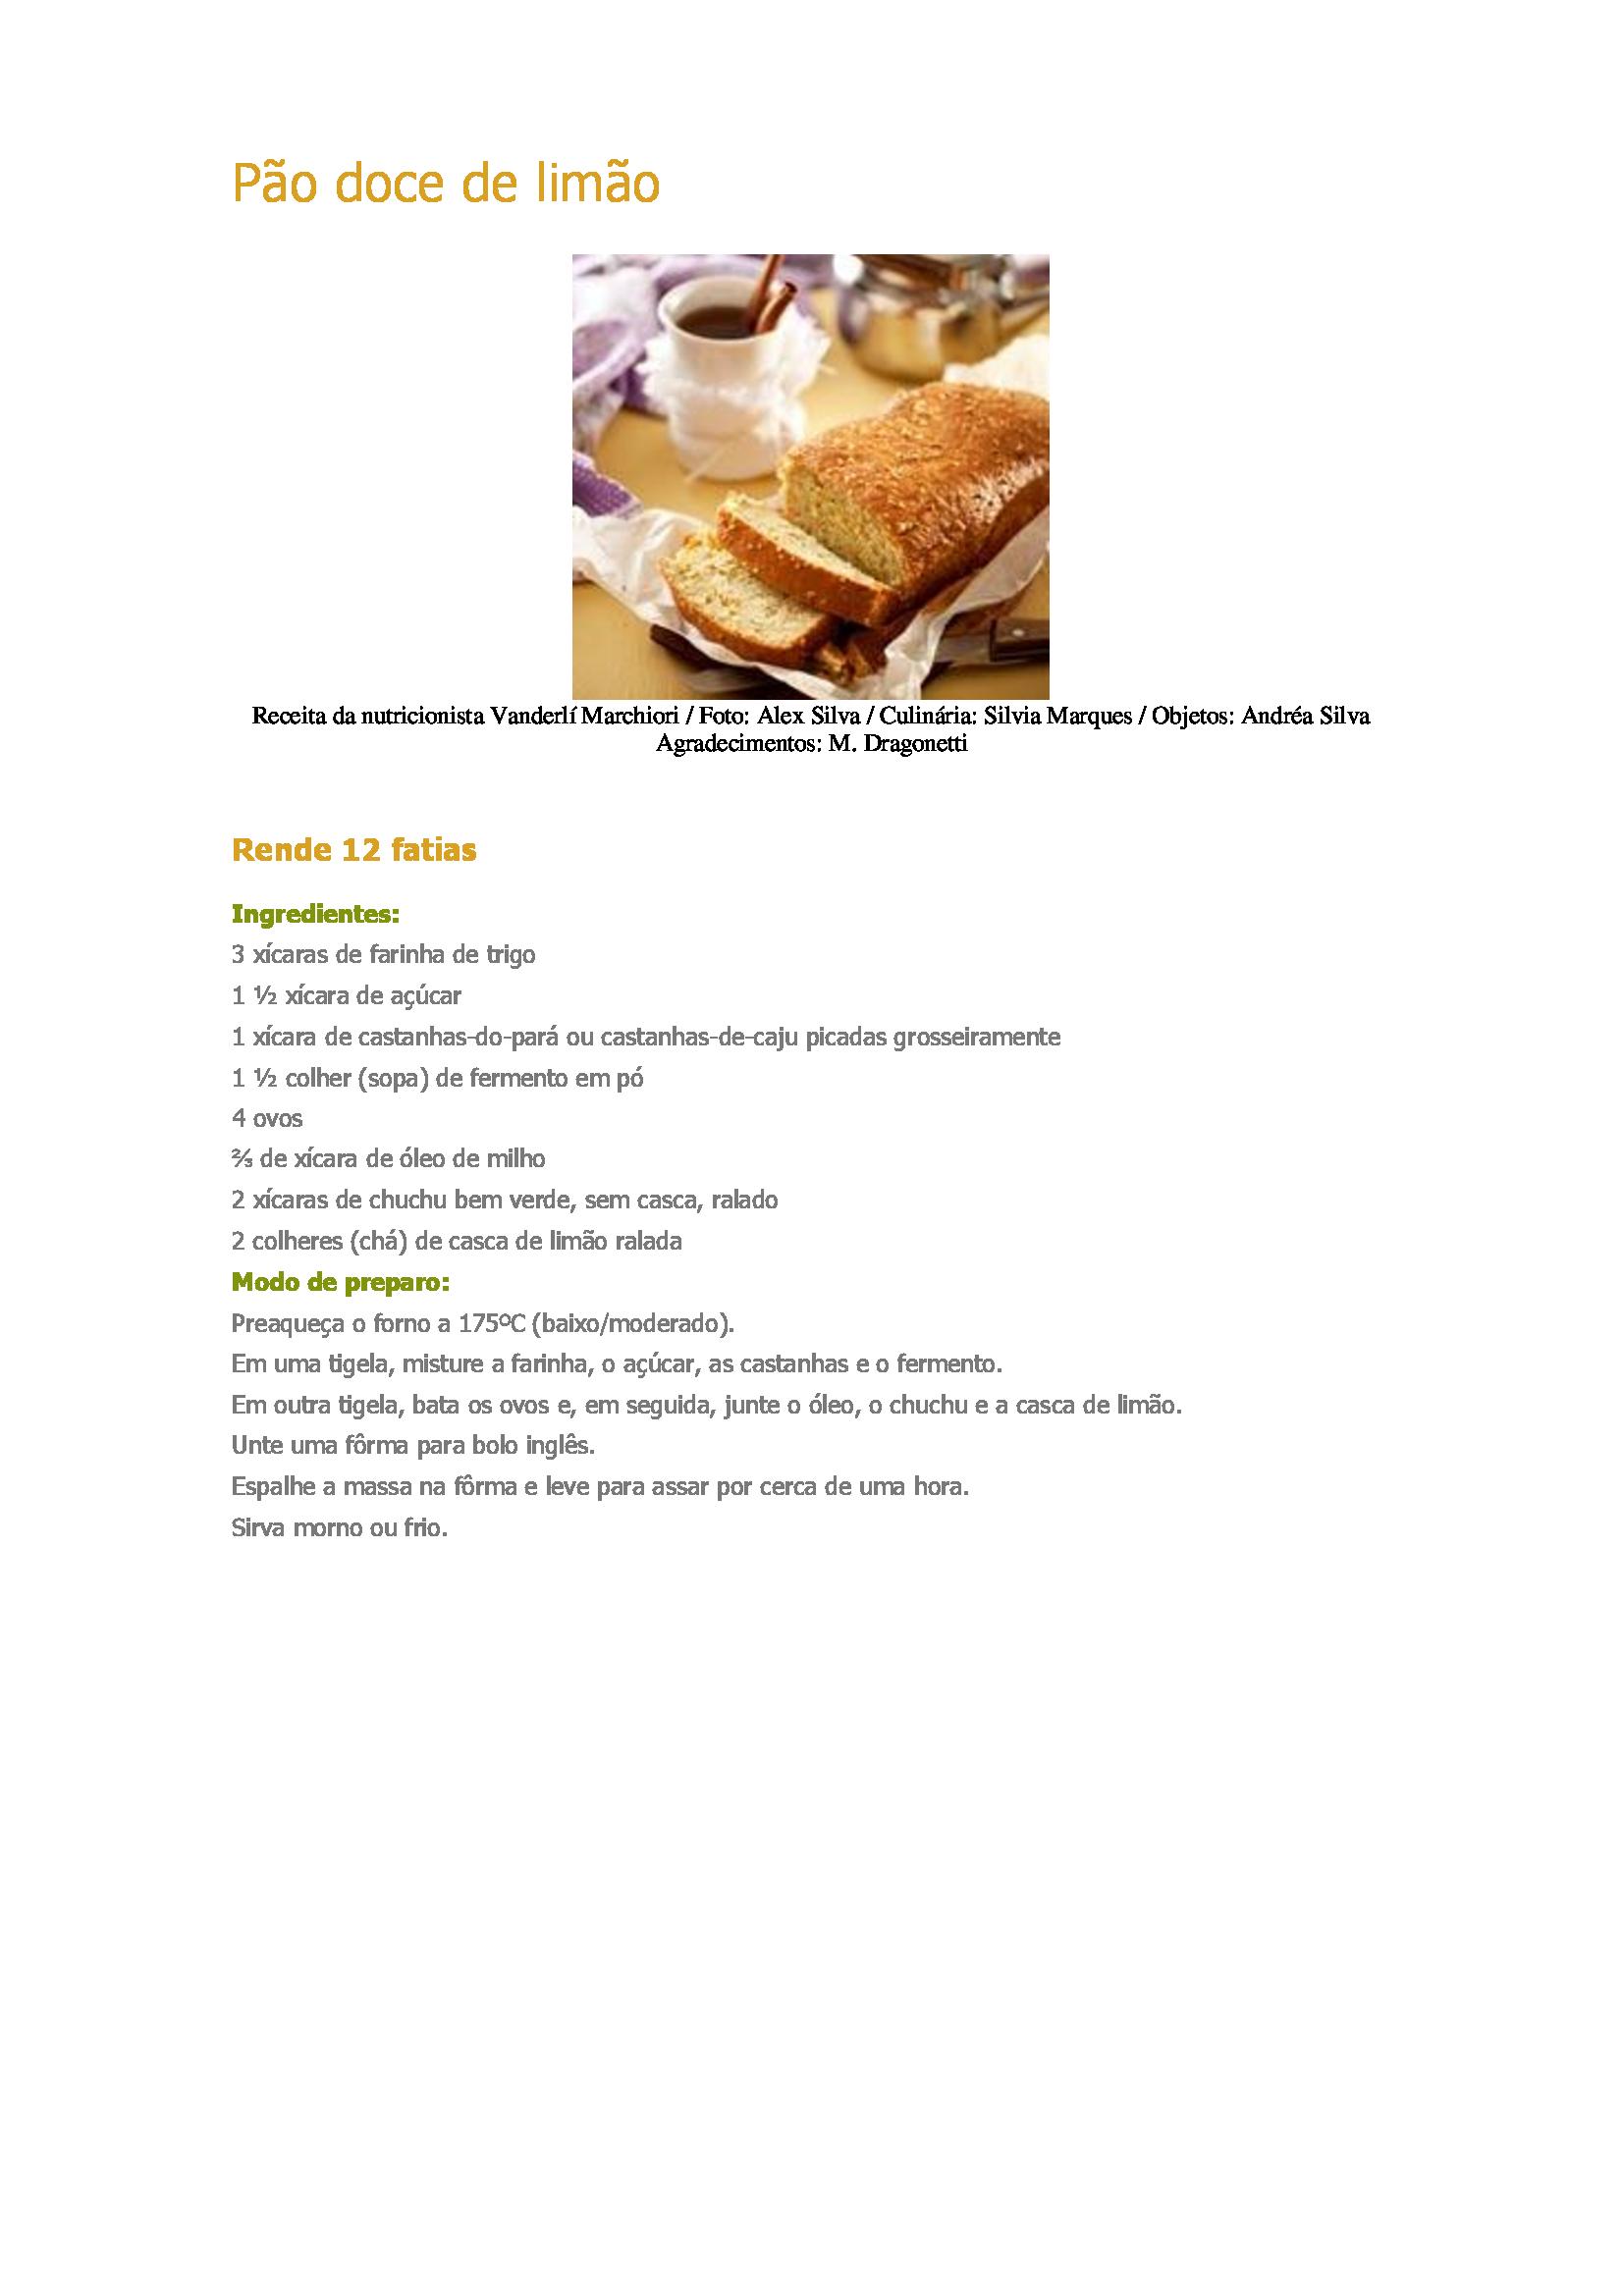 Pão-doce-de-limão